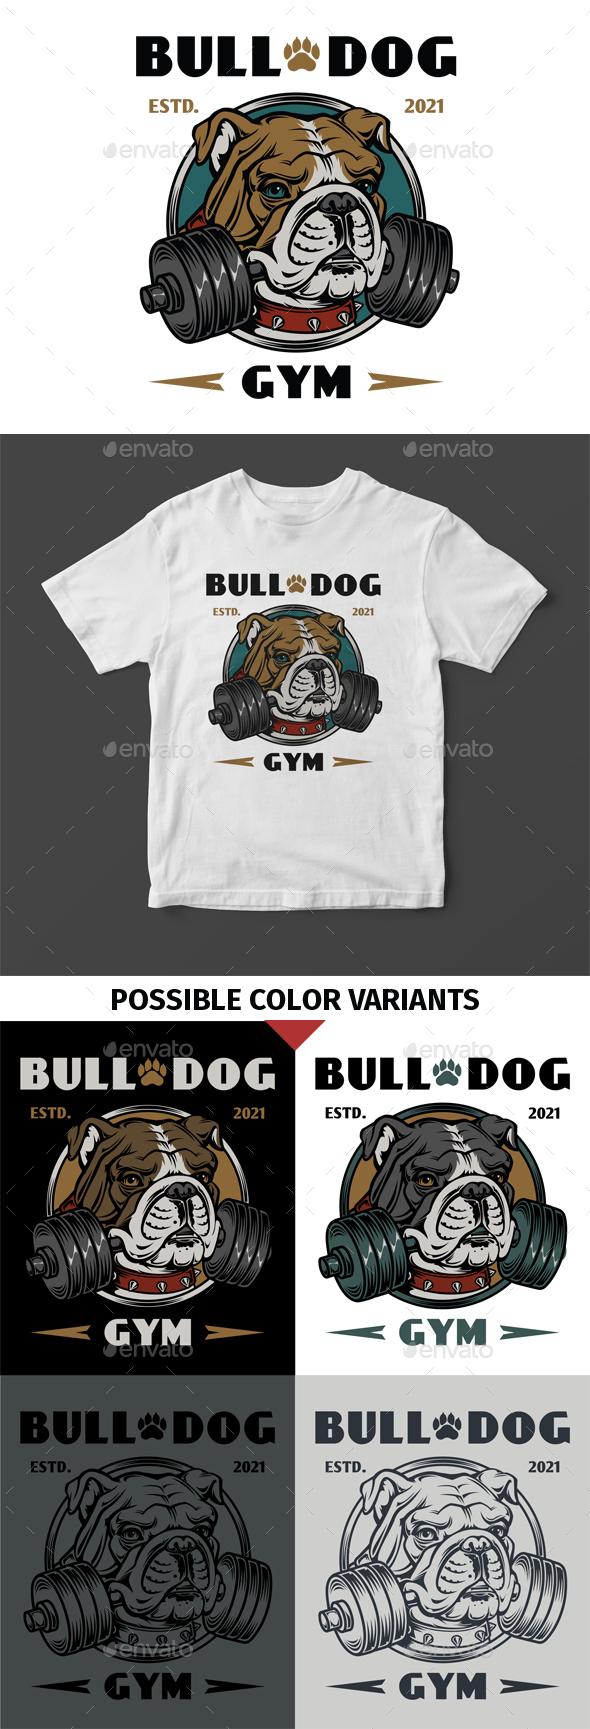 Bull Dog Gym T-Shirt Design